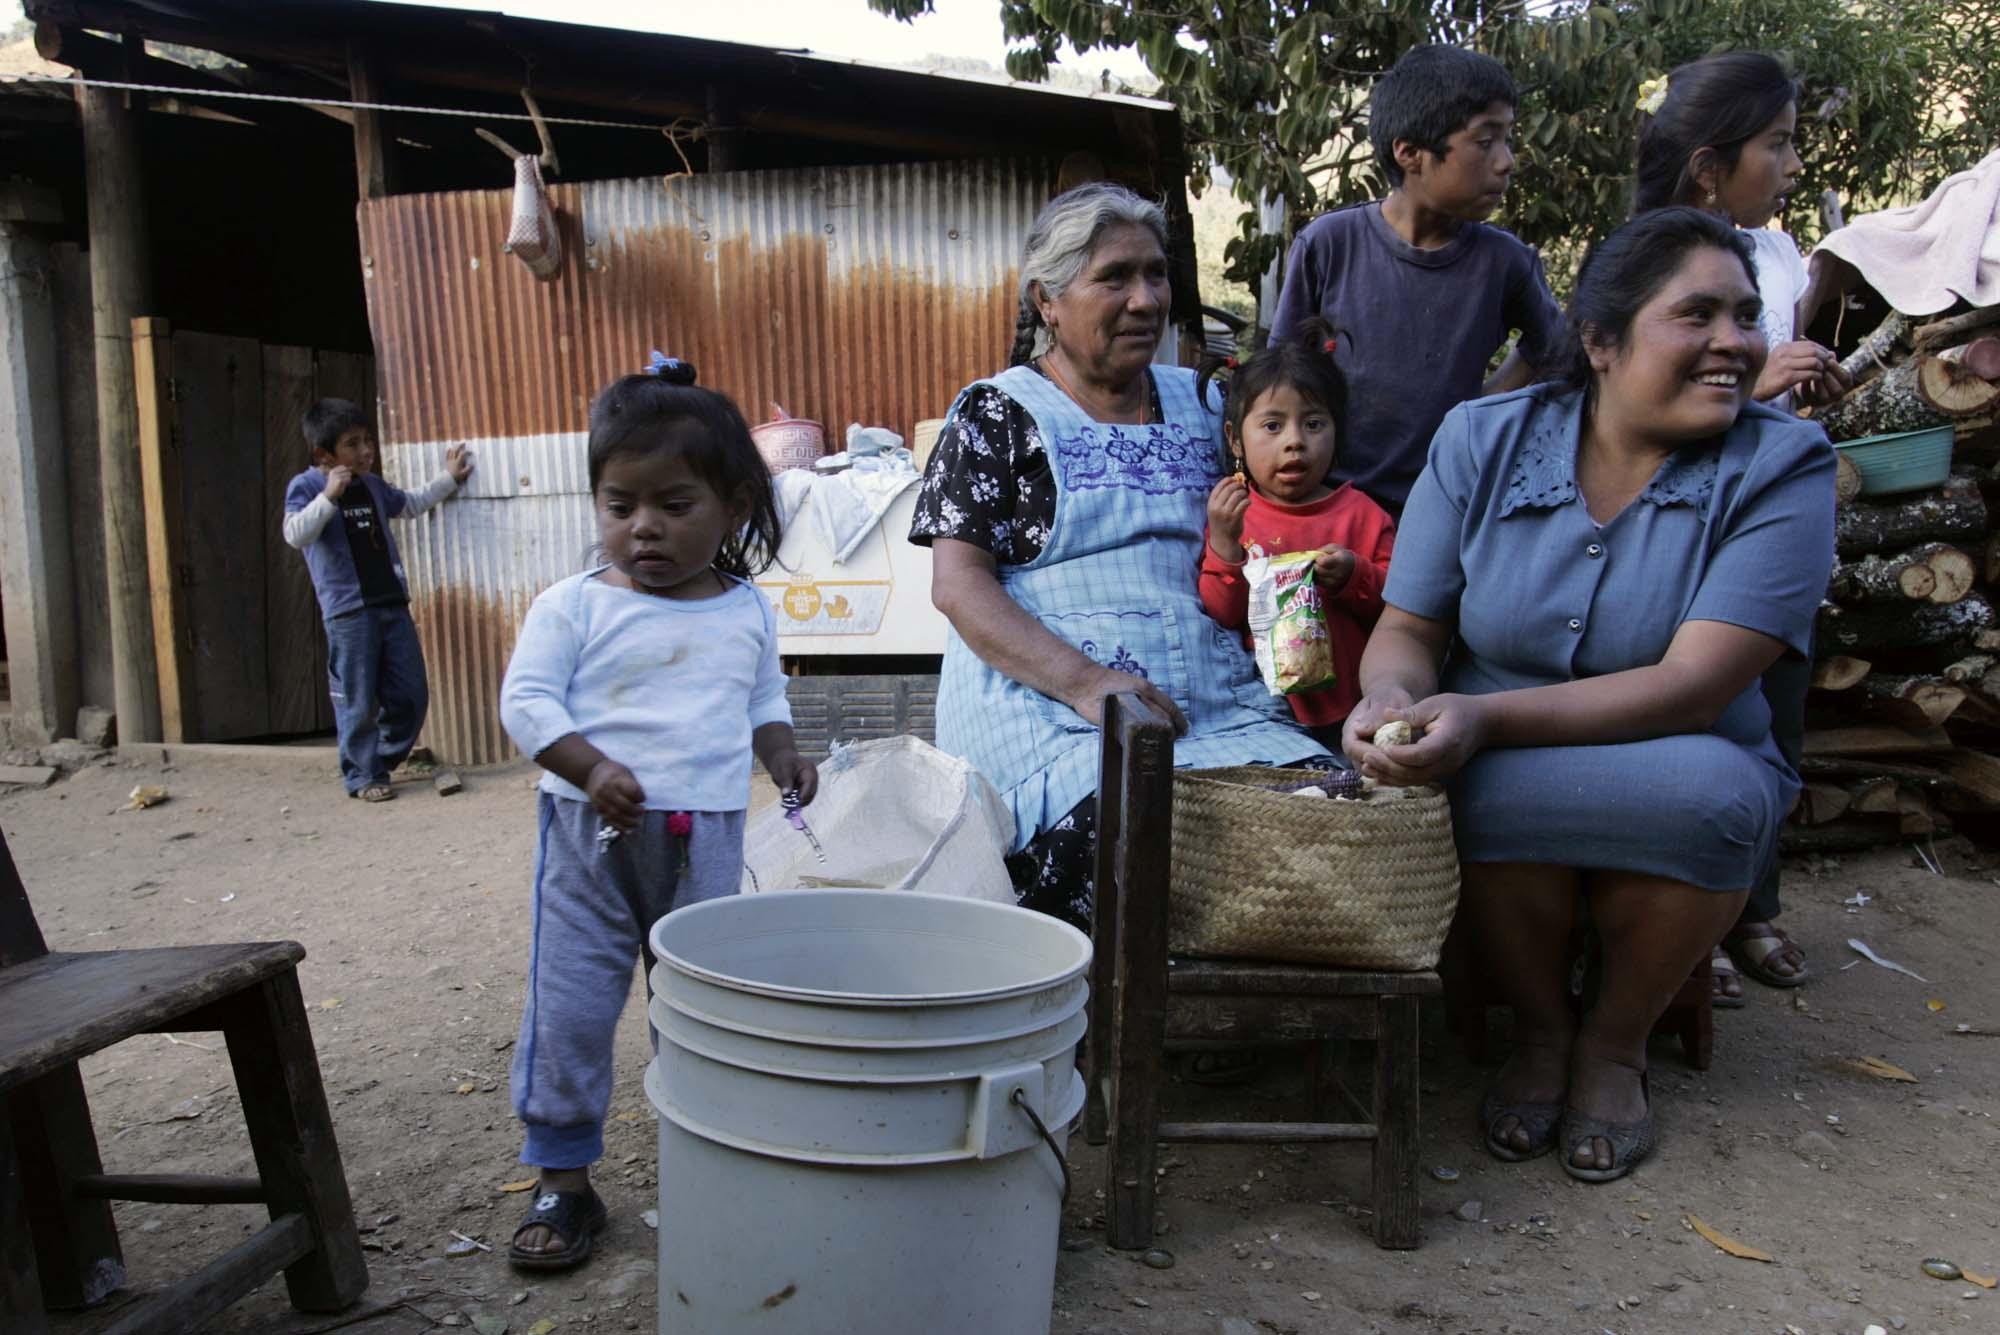 Cinco generaciones en la pobreza garantizada